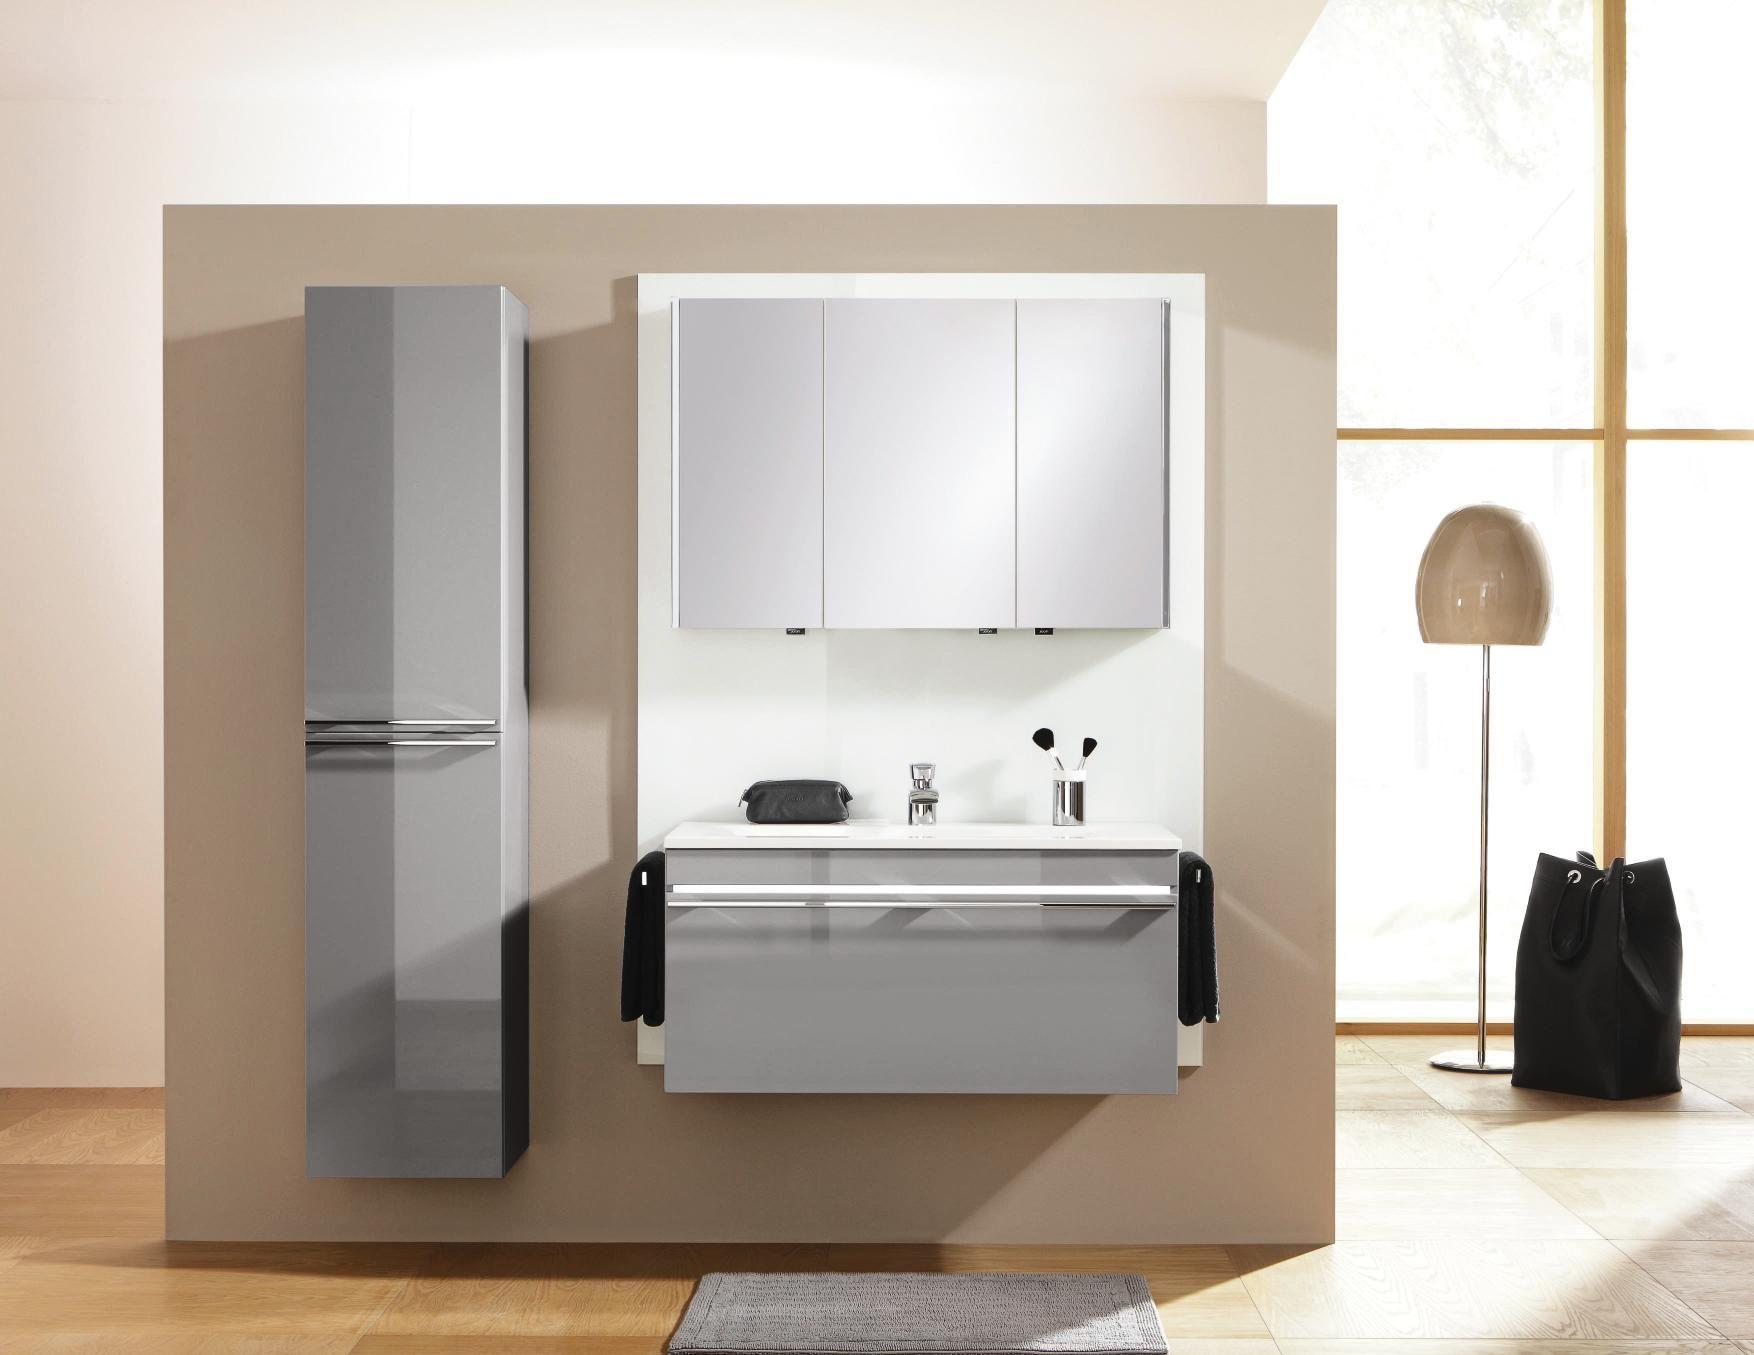 Mondänes JOOP! Badezimmer in Anthrazit: erlesenes Design bei bester ...